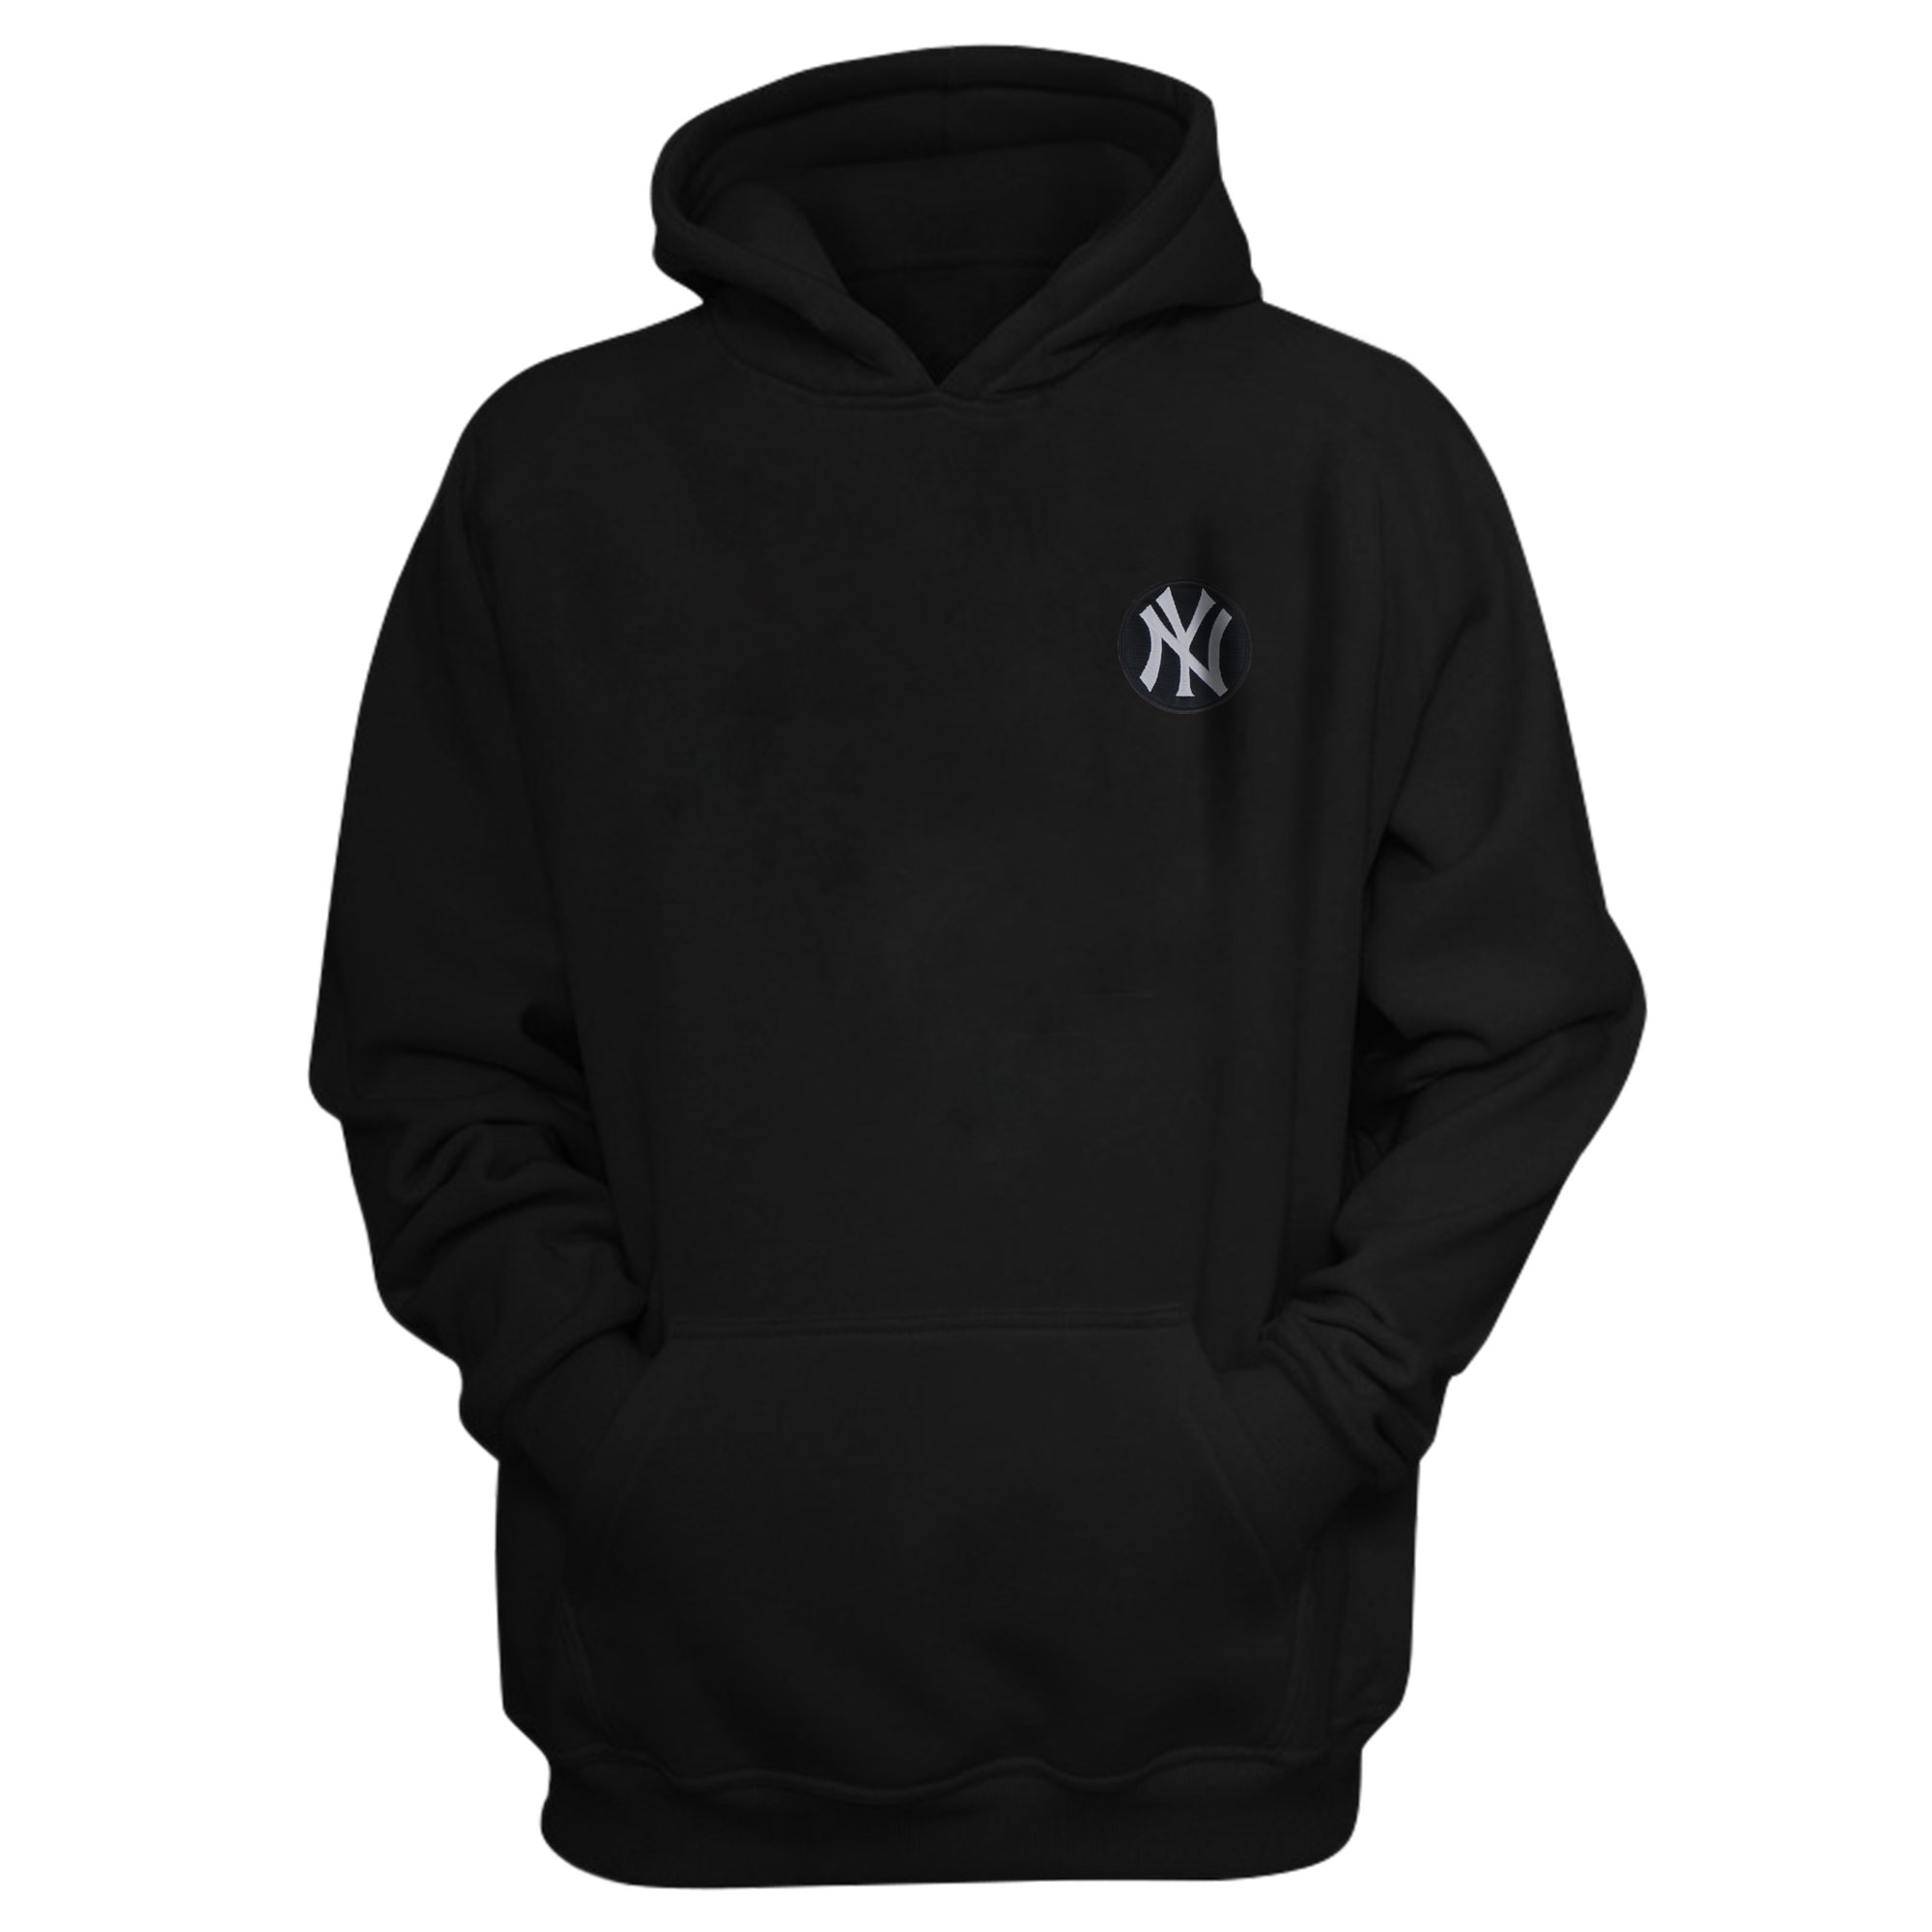 Yankees Hoodie (Örme)  (HD-BLC-EMBR-YANKEES)